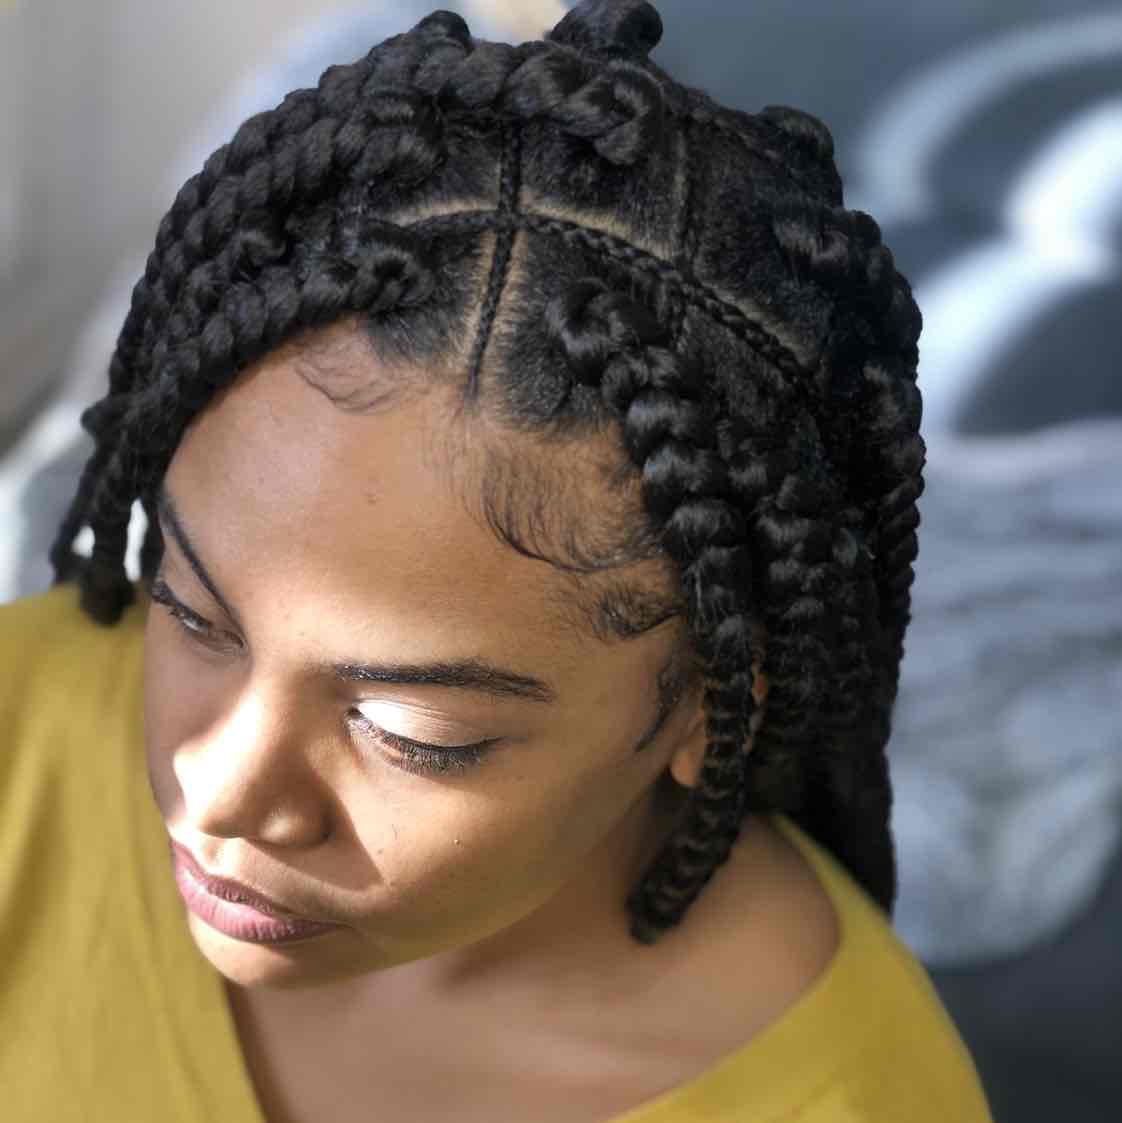 salon de coiffure afro tresse tresses box braids crochet braids vanilles tissages paris 75 77 78 91 92 93 94 95 XQVTOWSL